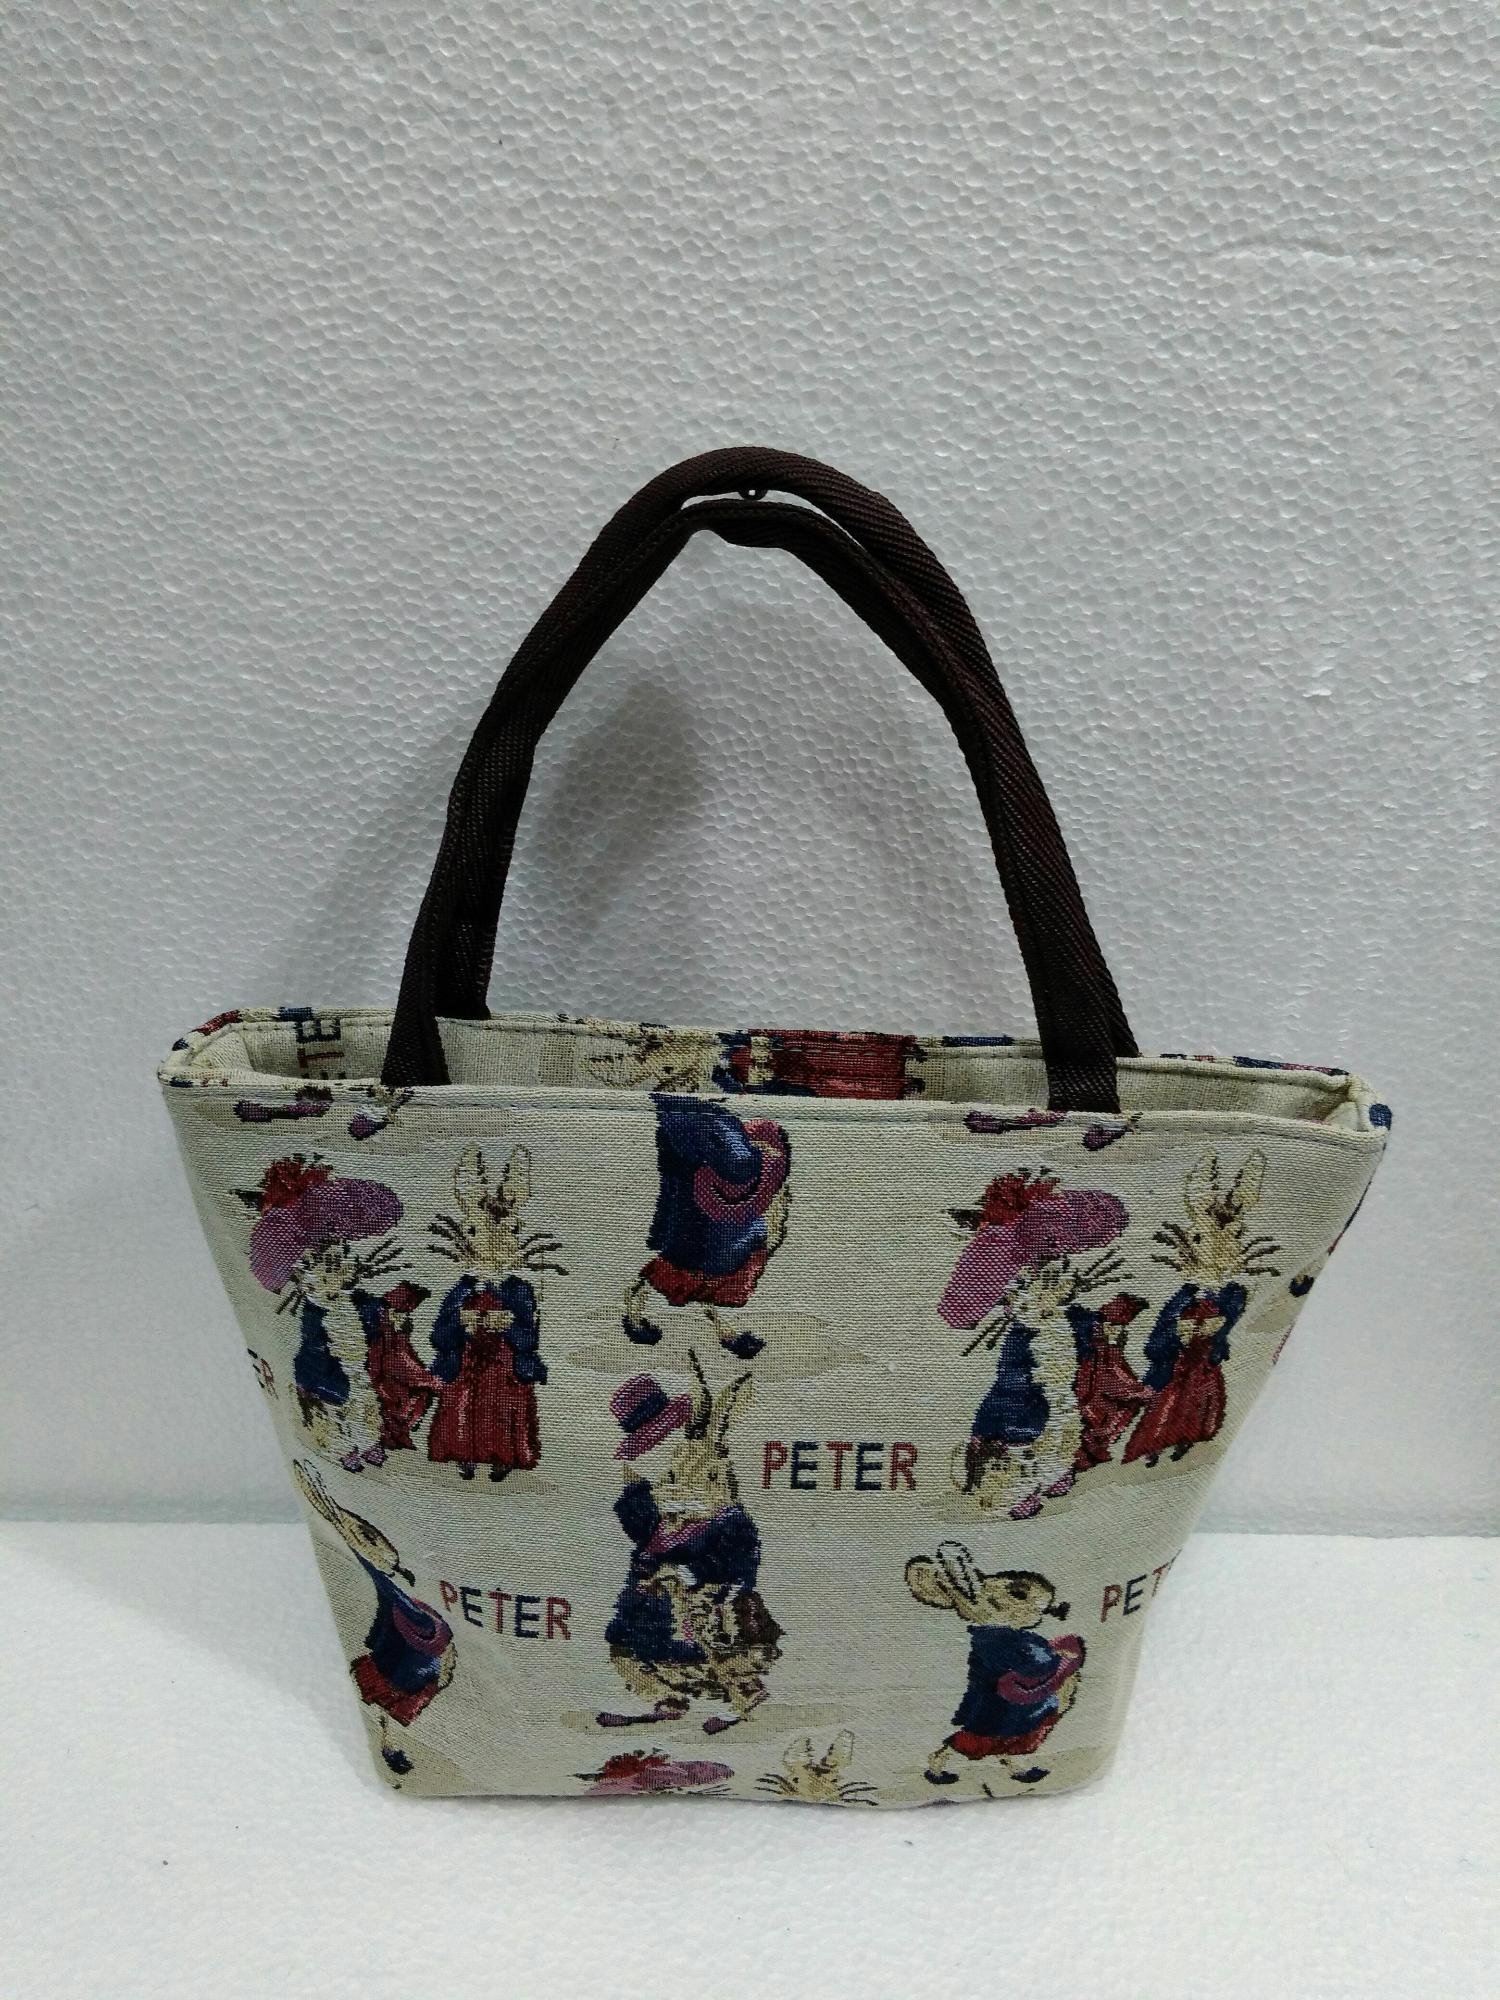 Harga Tas Travelbag Kanvas Mugu 8642 Import Pakaian Selempang Jinjing Universal Fashion Wanita Tenteng Canvas